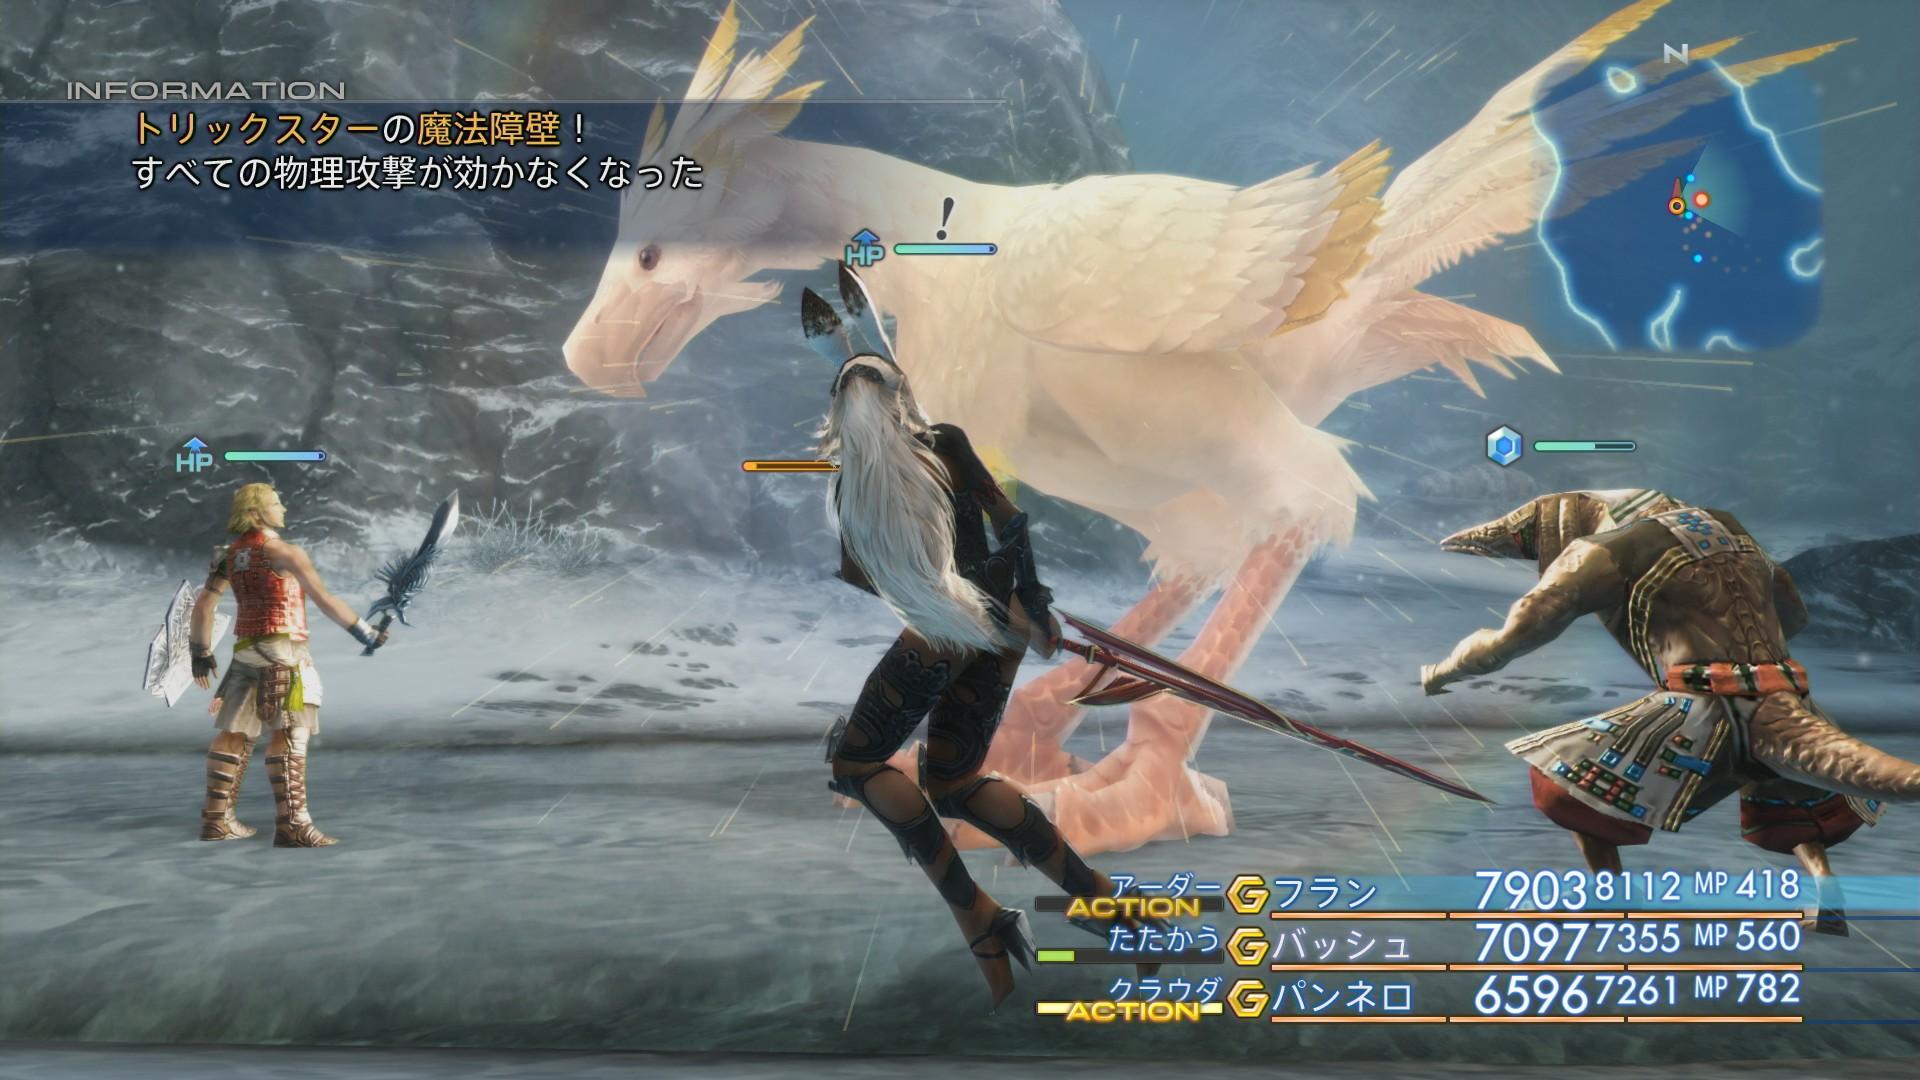 Lov, klany a nepřátelé z Final Fantasy XII: The Zodiac Age na screenshotech 146298